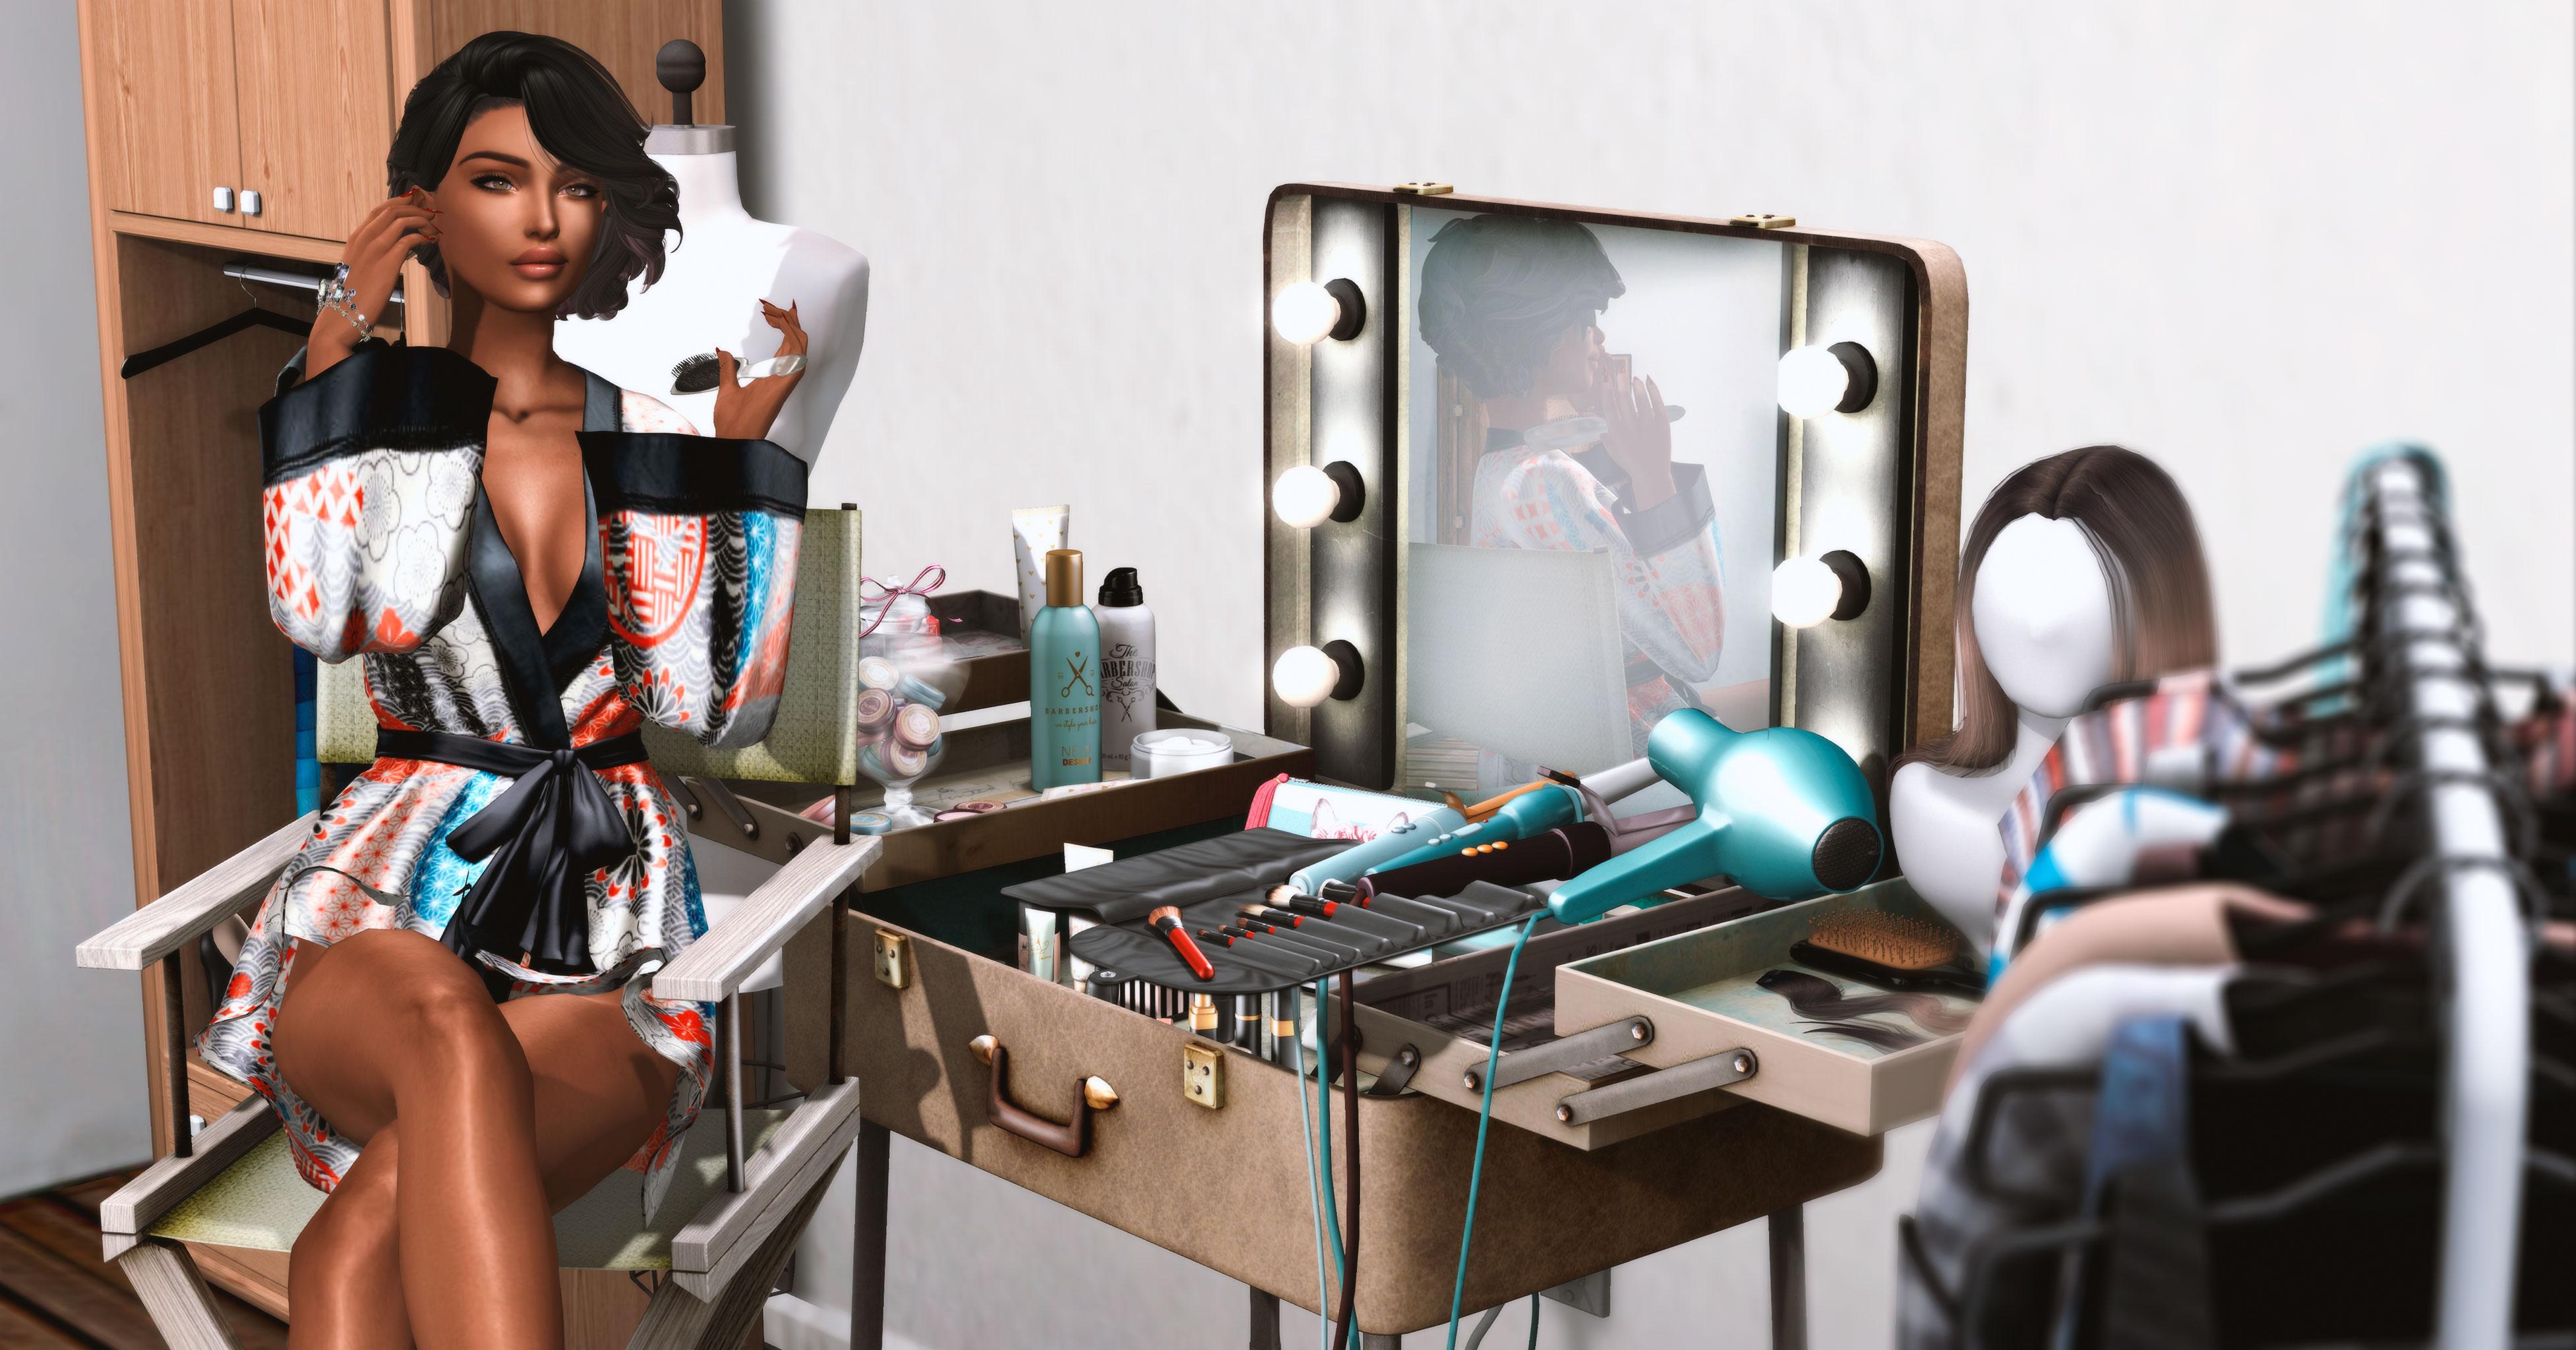 Are you ready for Hair Fair 2016?